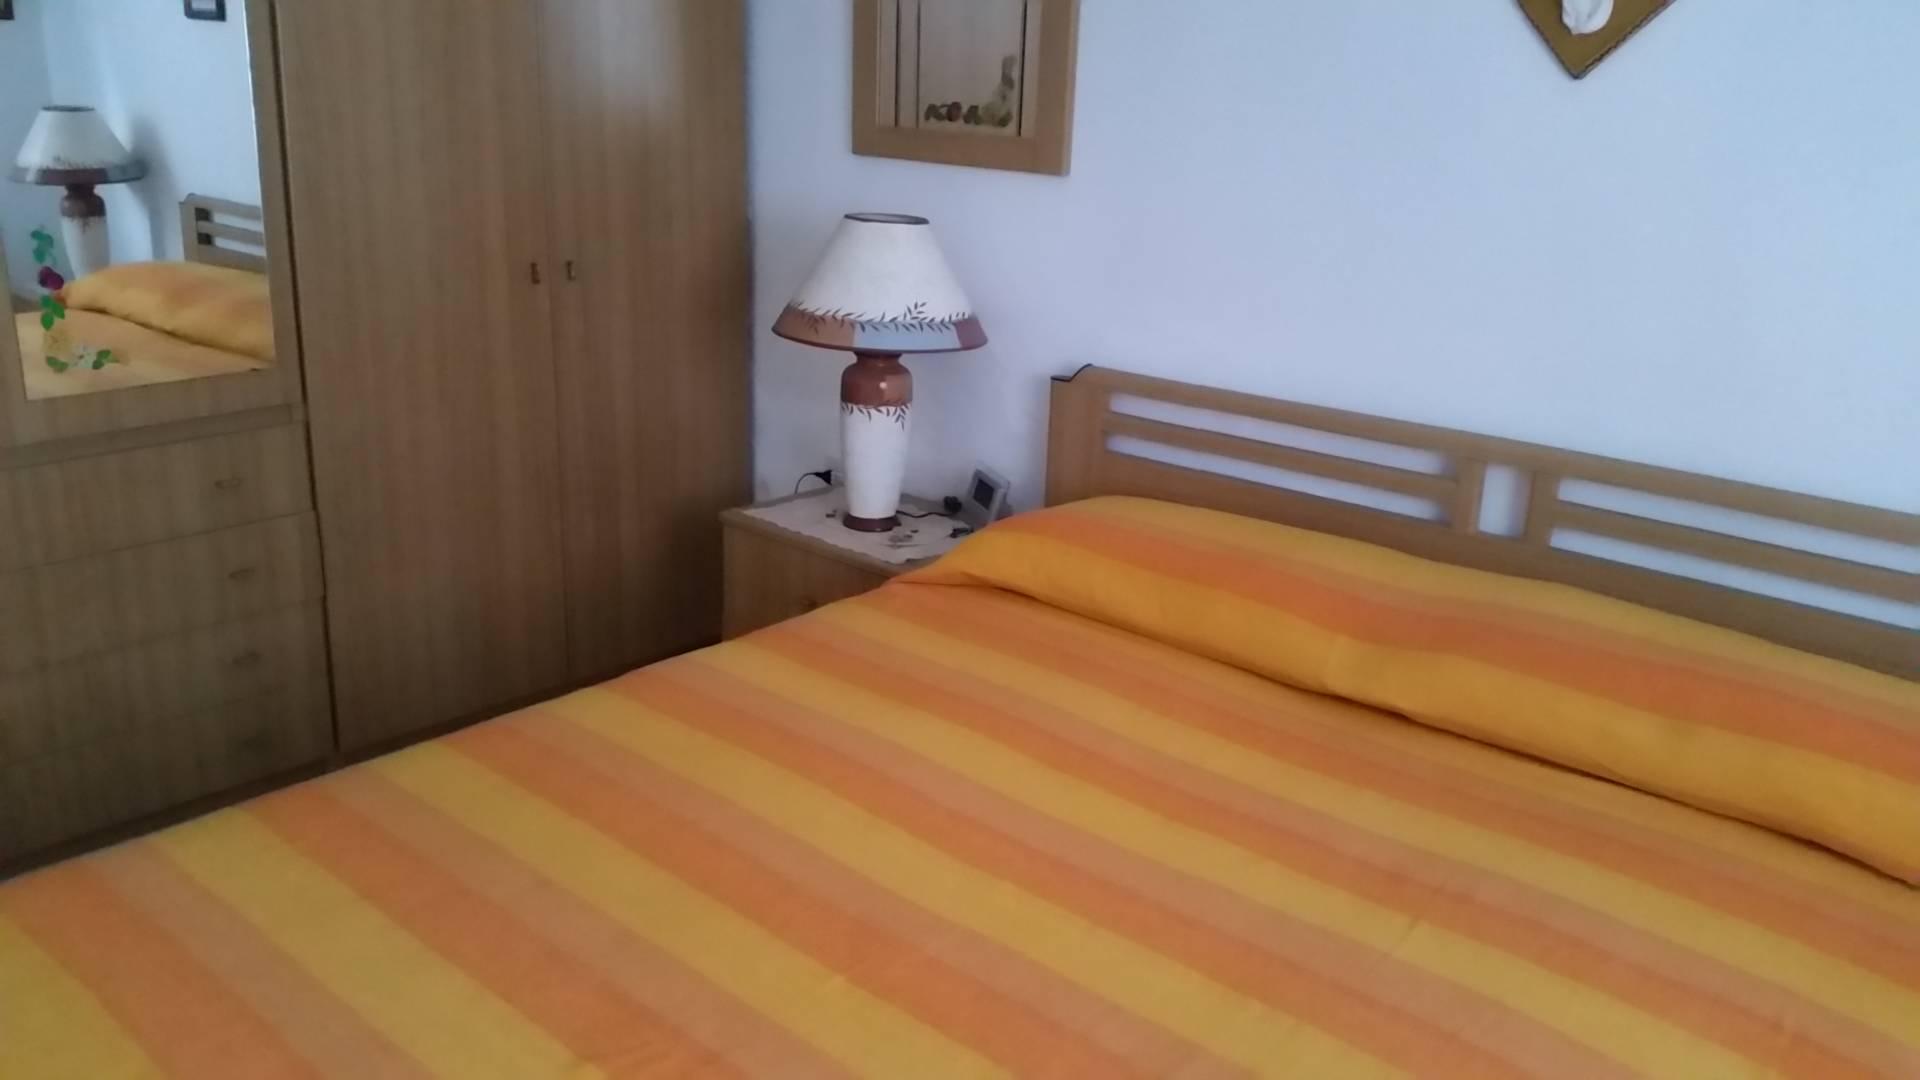 vendita appartamento oliveri   63000 euro  3 locali  60 mq